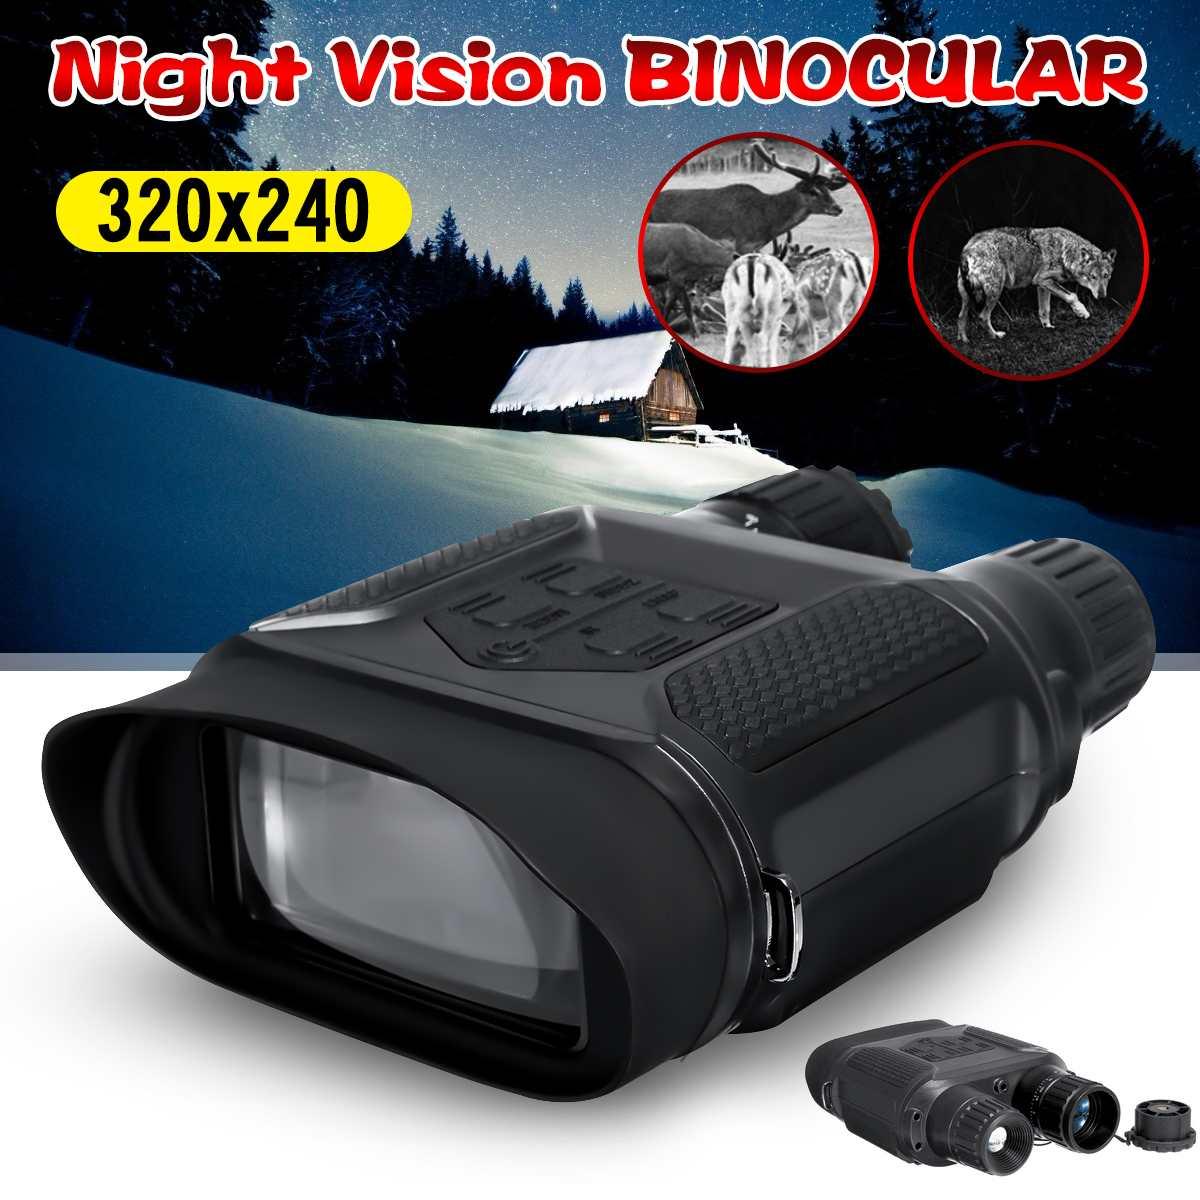 Visão nocturna Binocular 1300ft/400 m de Alta Definição Digital Photo Camera Gravador de Vídeo Infravermelho Night Vision Scope para Caça